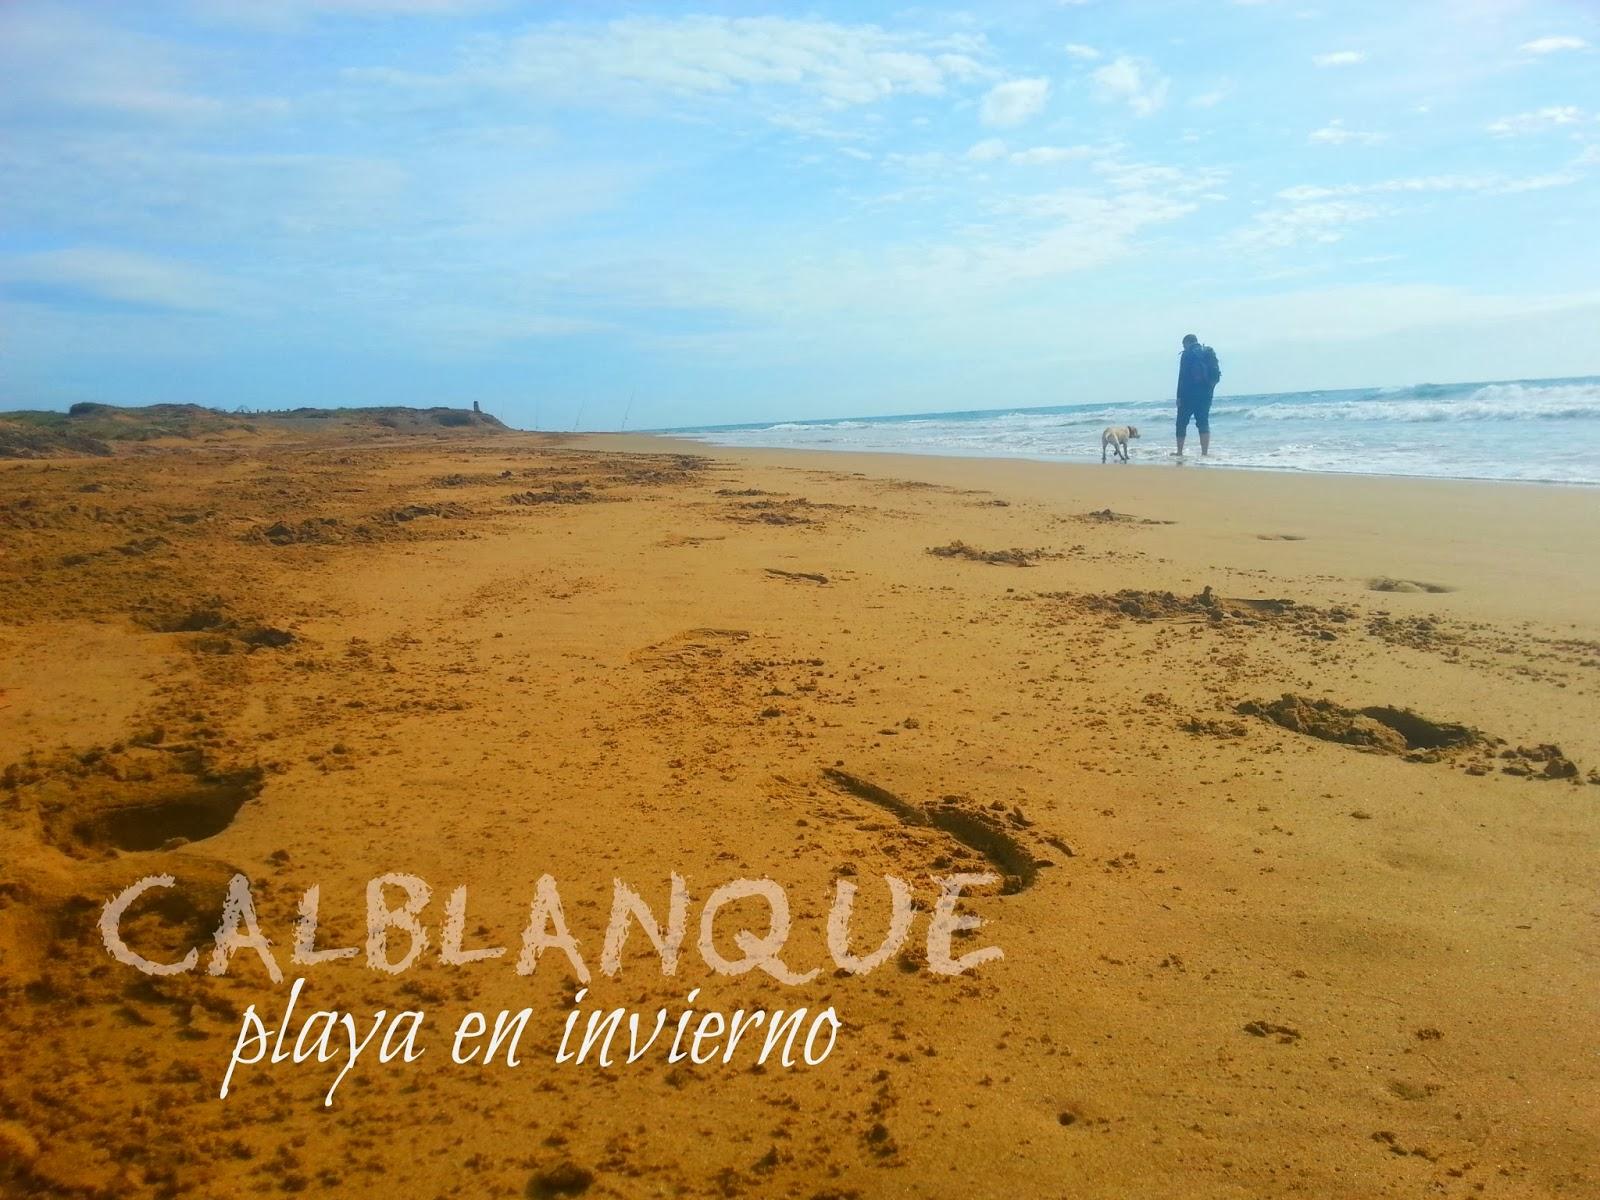 CALBLANQUE: playa en invierno